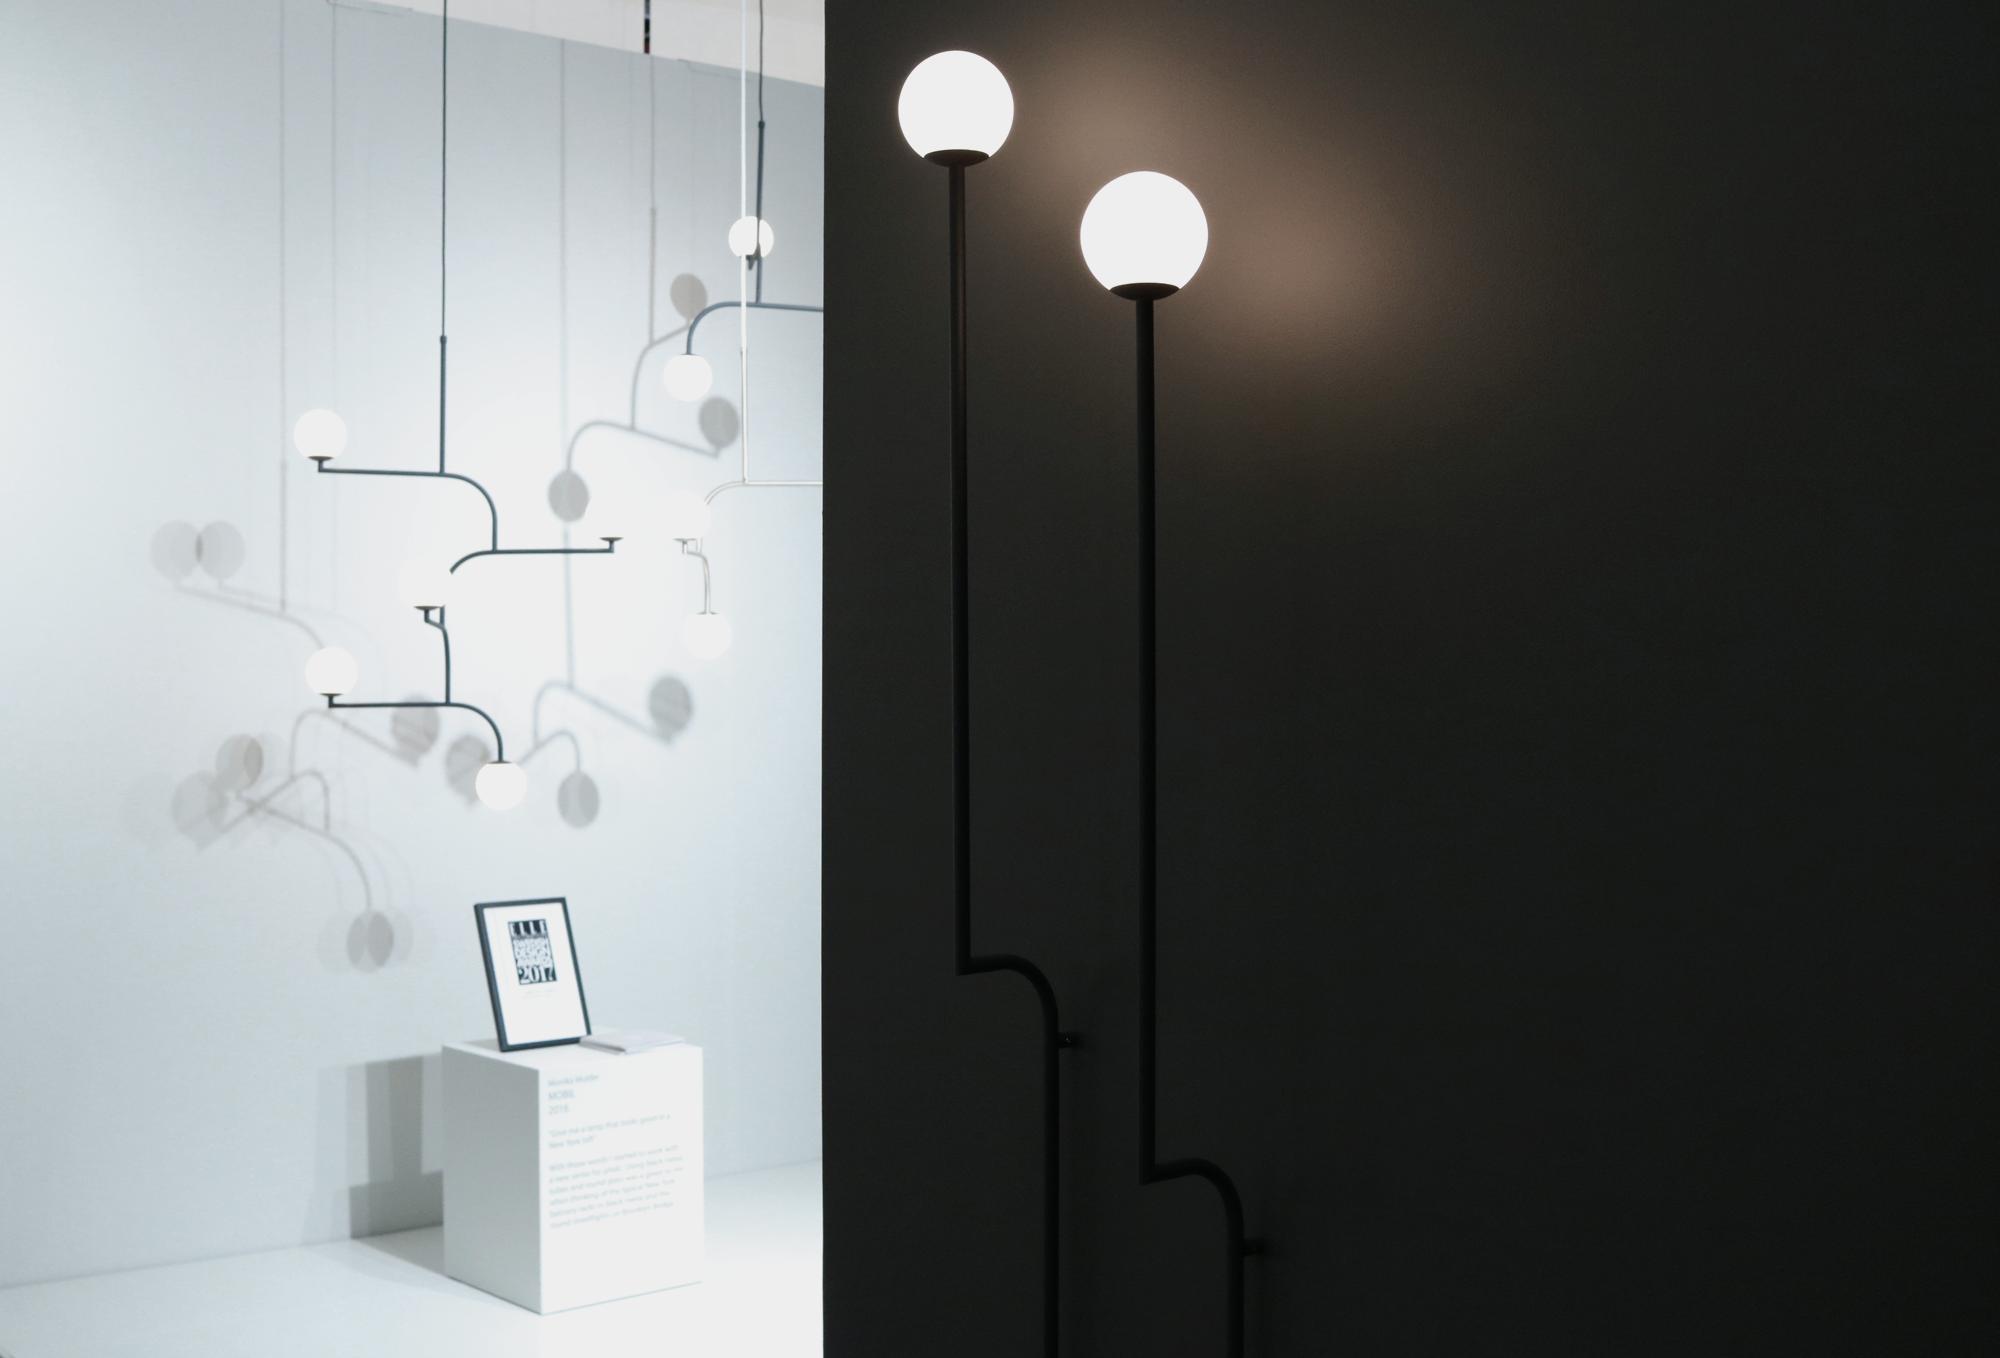 Furniture fair - Pholc lamps